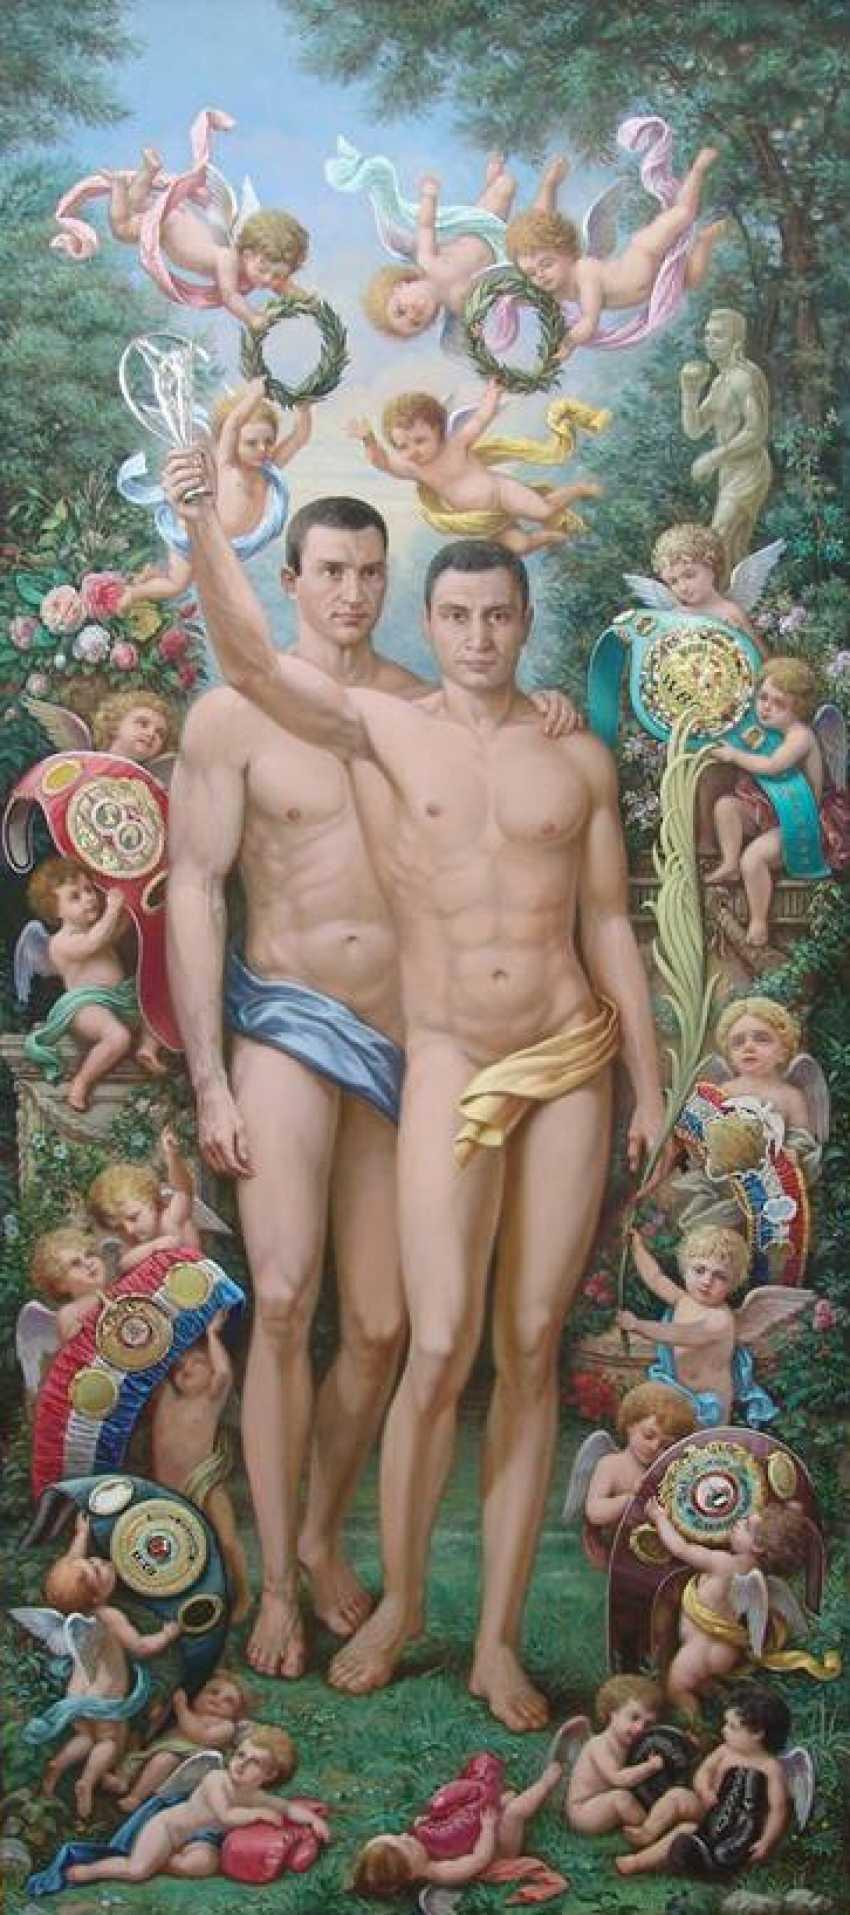 Oleh Borovych. Brothers Klitschko - photo 1